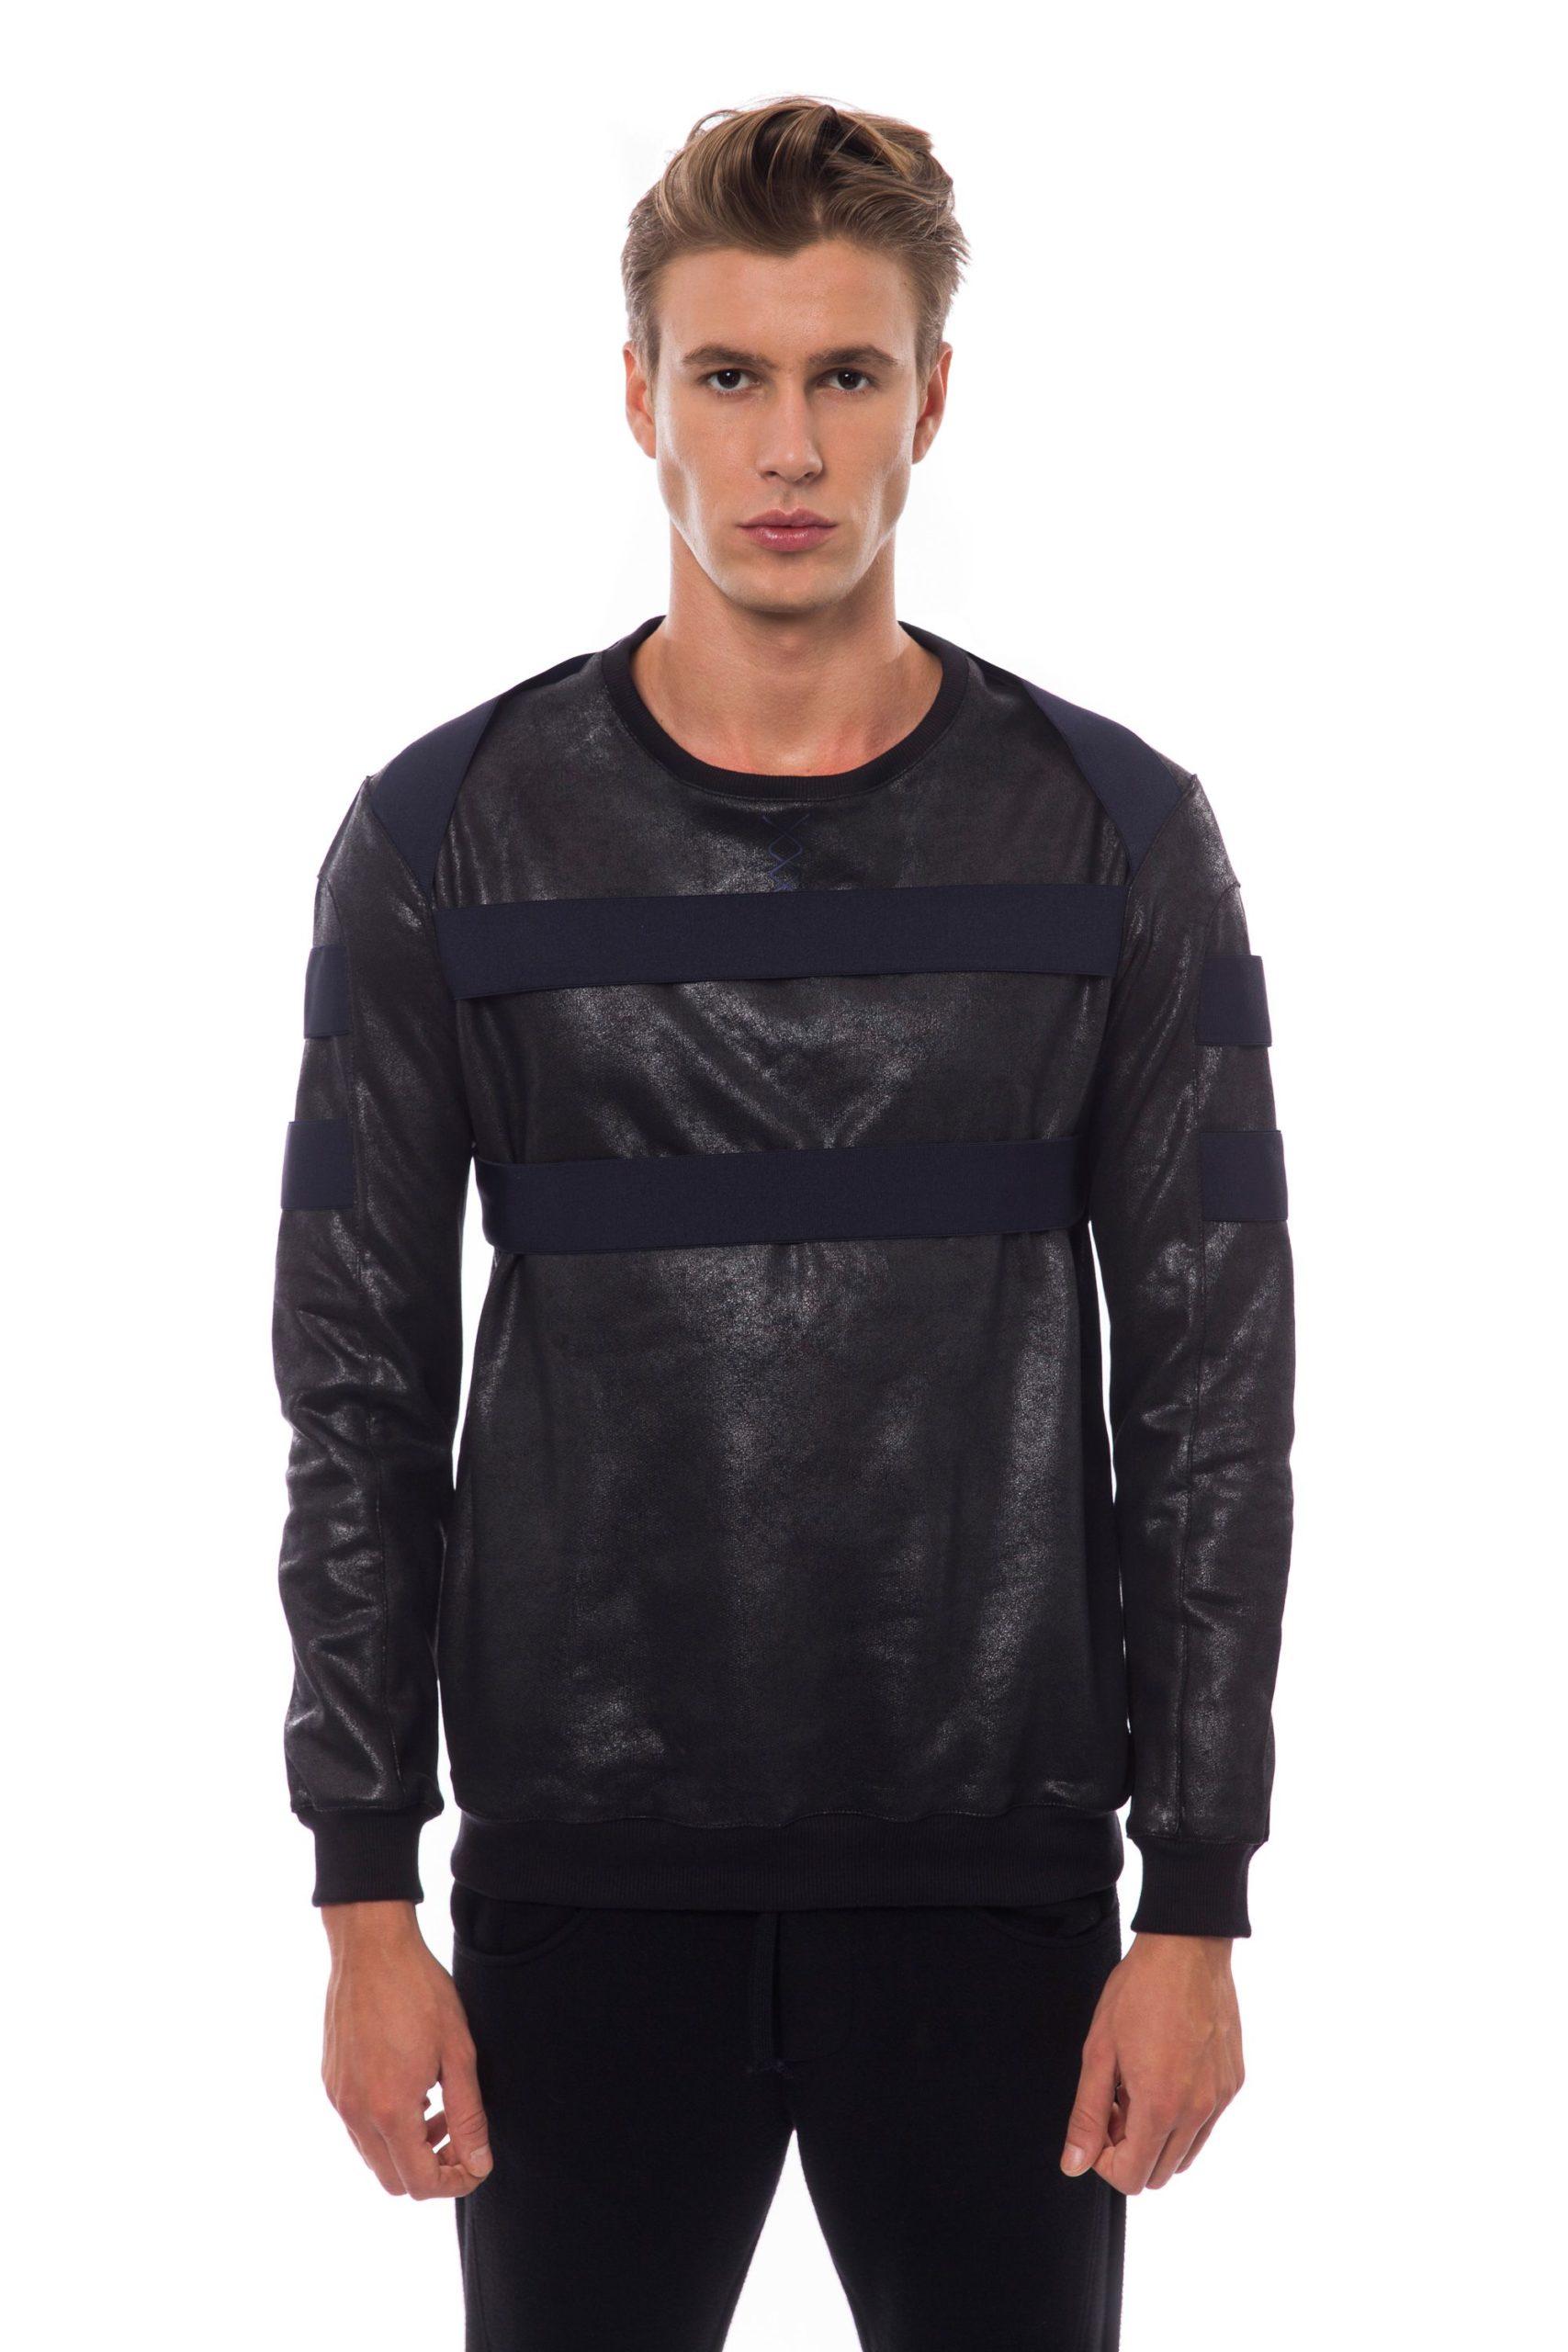 Nicolo Tonetto Men's Nero Sweater Black NI817123 - M